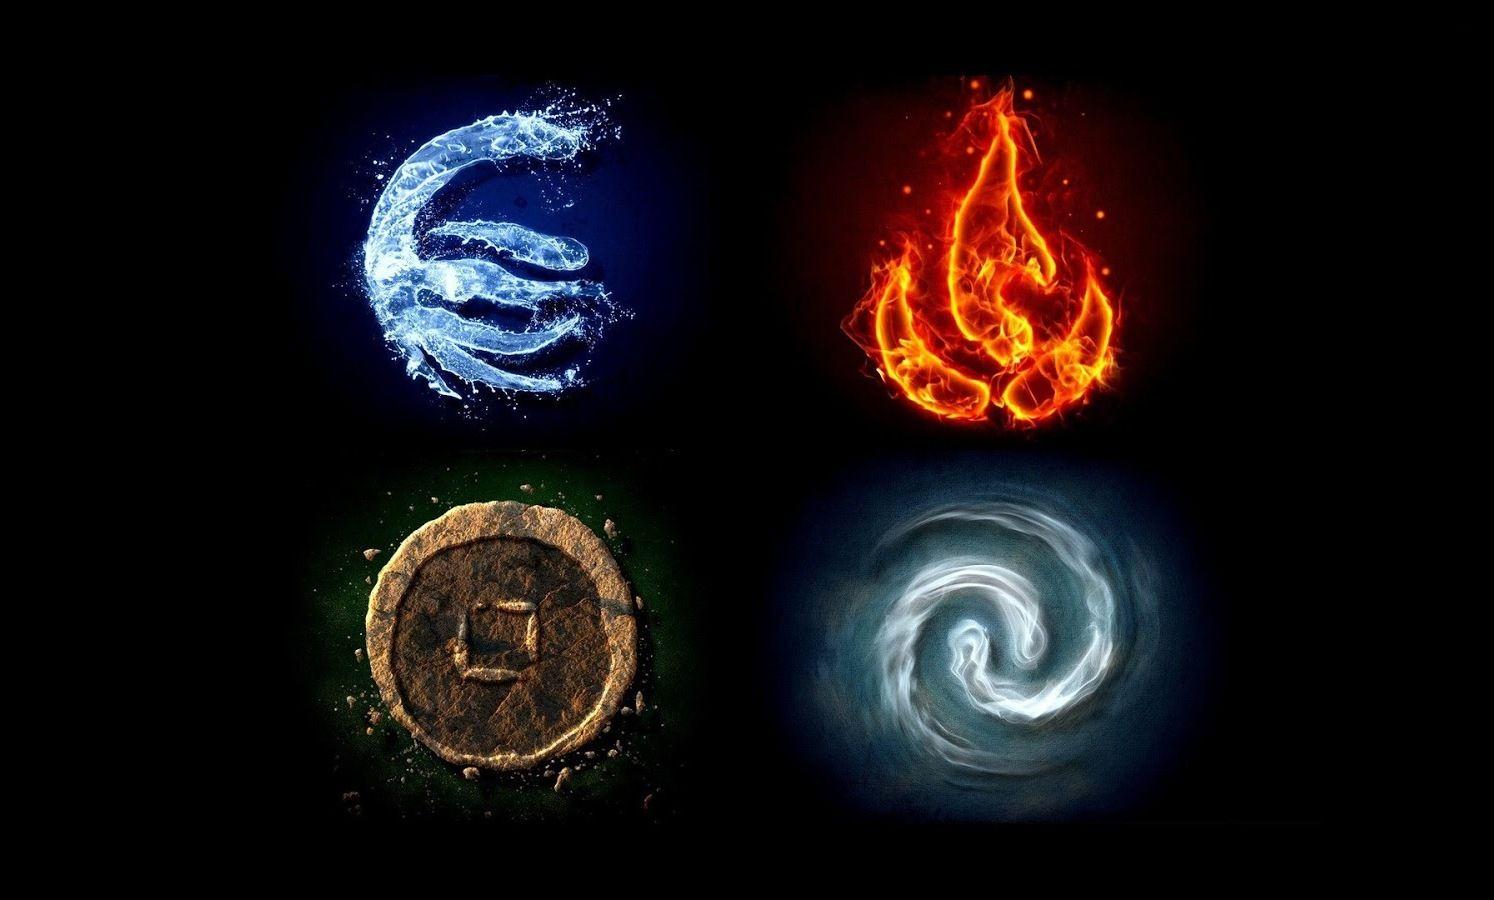 4 nhóm nguyên tố của 12 cung hoàng đạo có nhiều sự khác biệt trong năm 2021